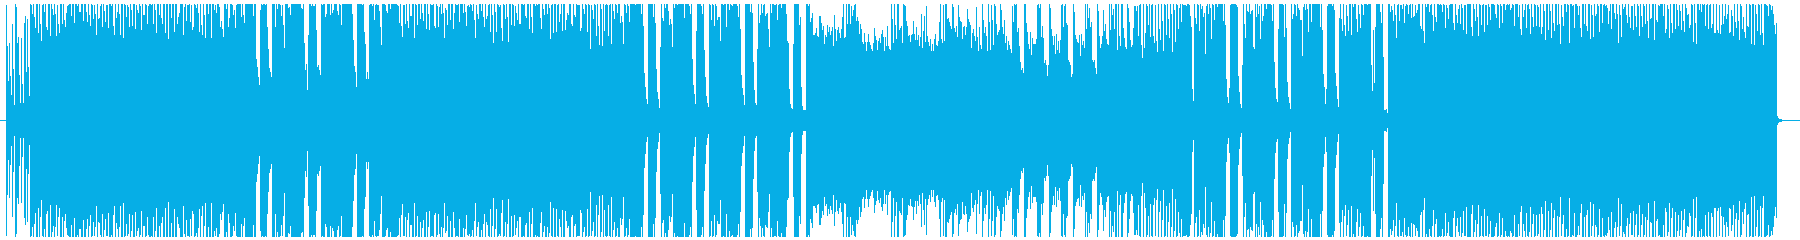 激しいメタルギター戦闘インパクトCMに。の再生済みの波形